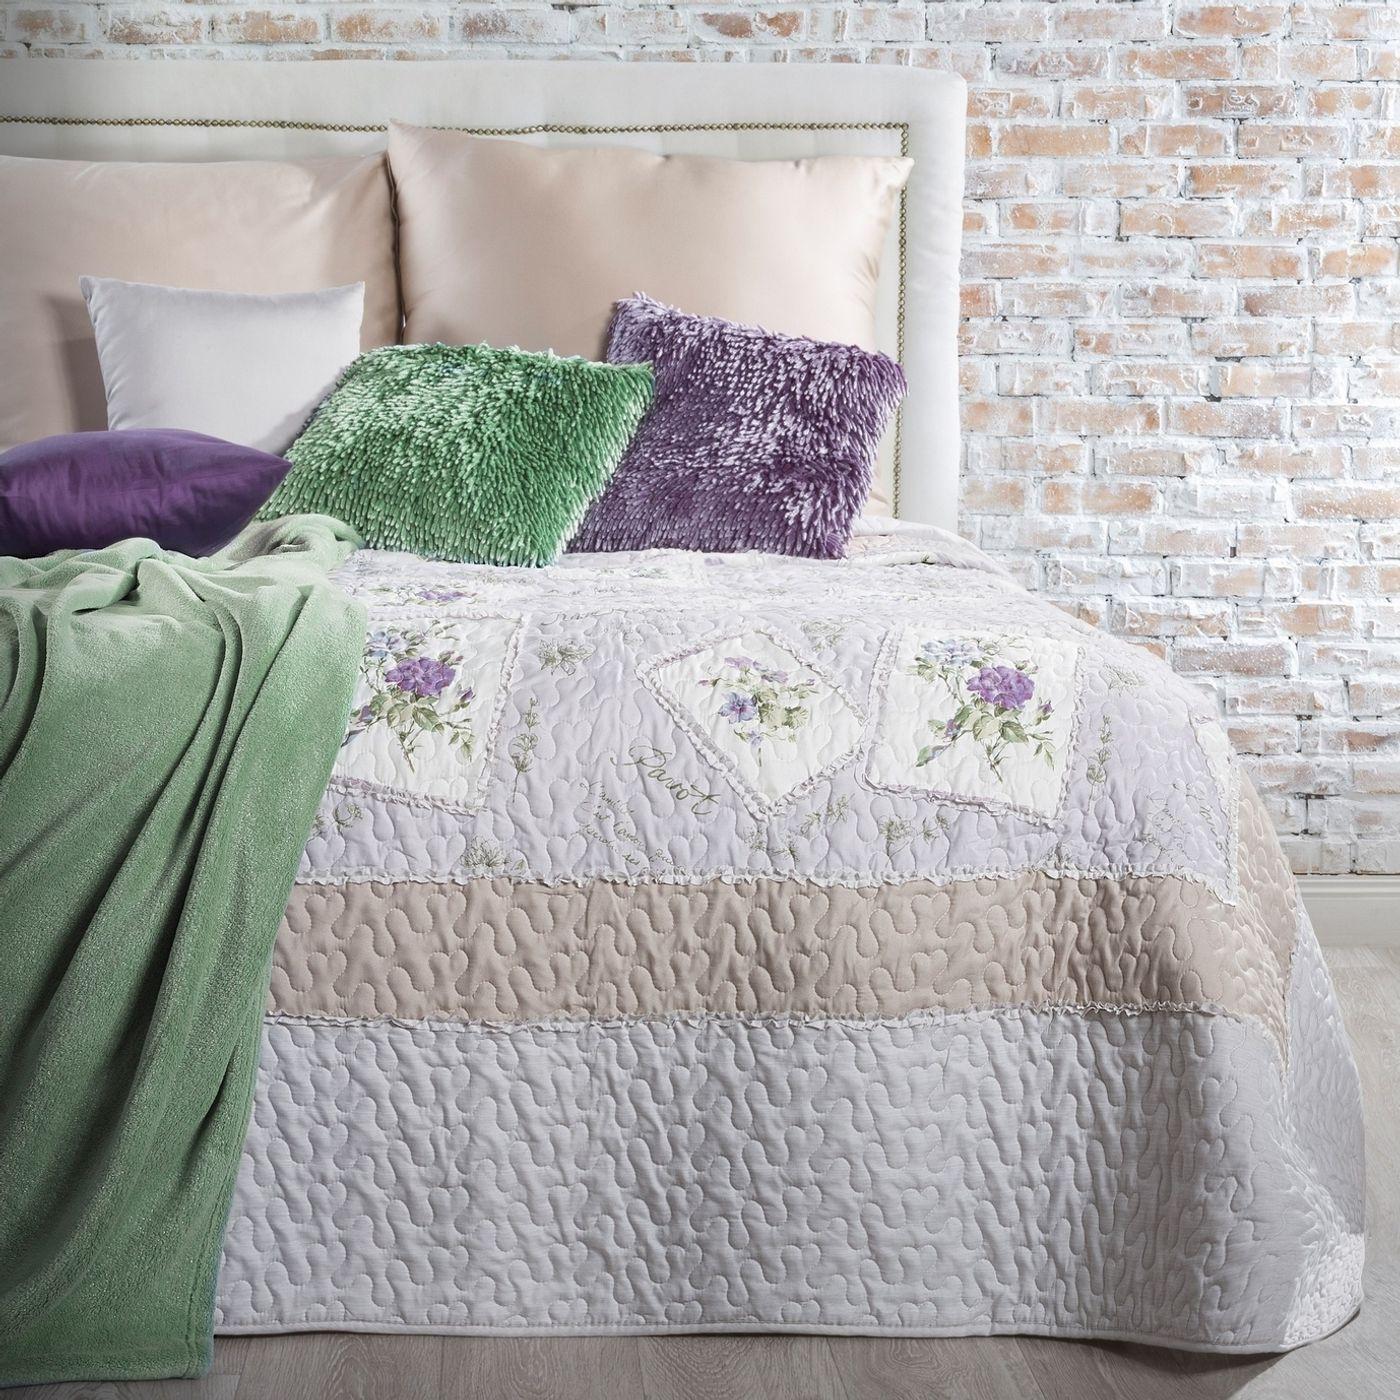 Narzuta patchwork kwiaty 220 x 240 cm